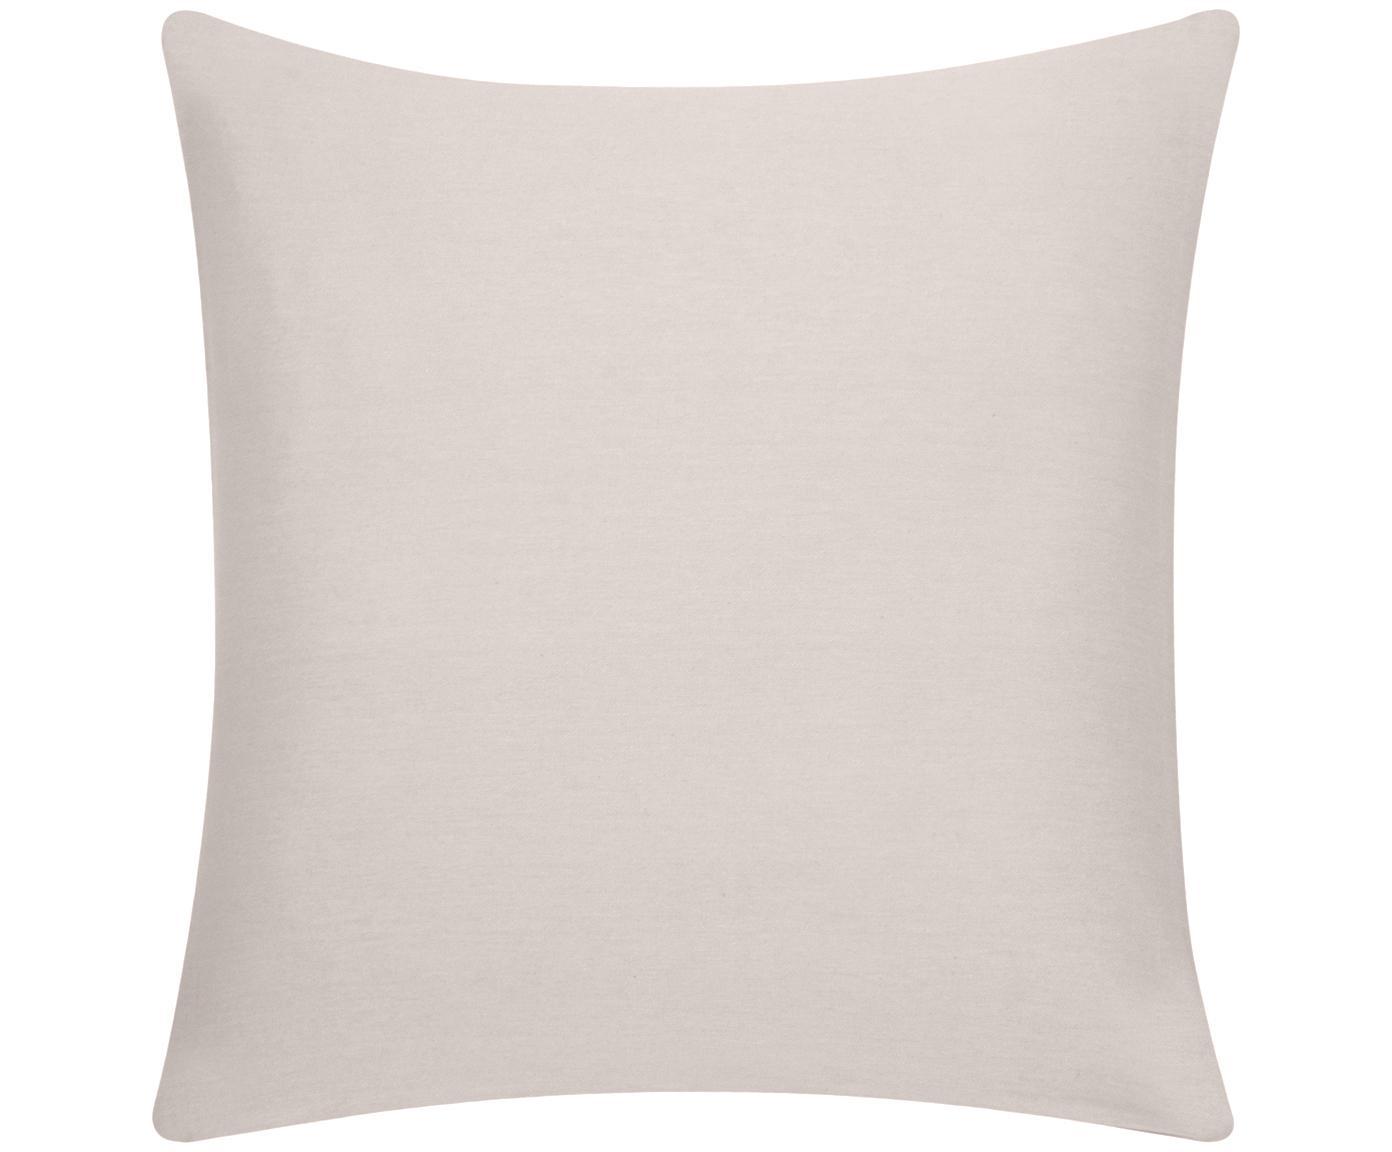 Poszewka na poduszkę Mads, 100% bawełna, Beżowy, S 40 x D 40 cm